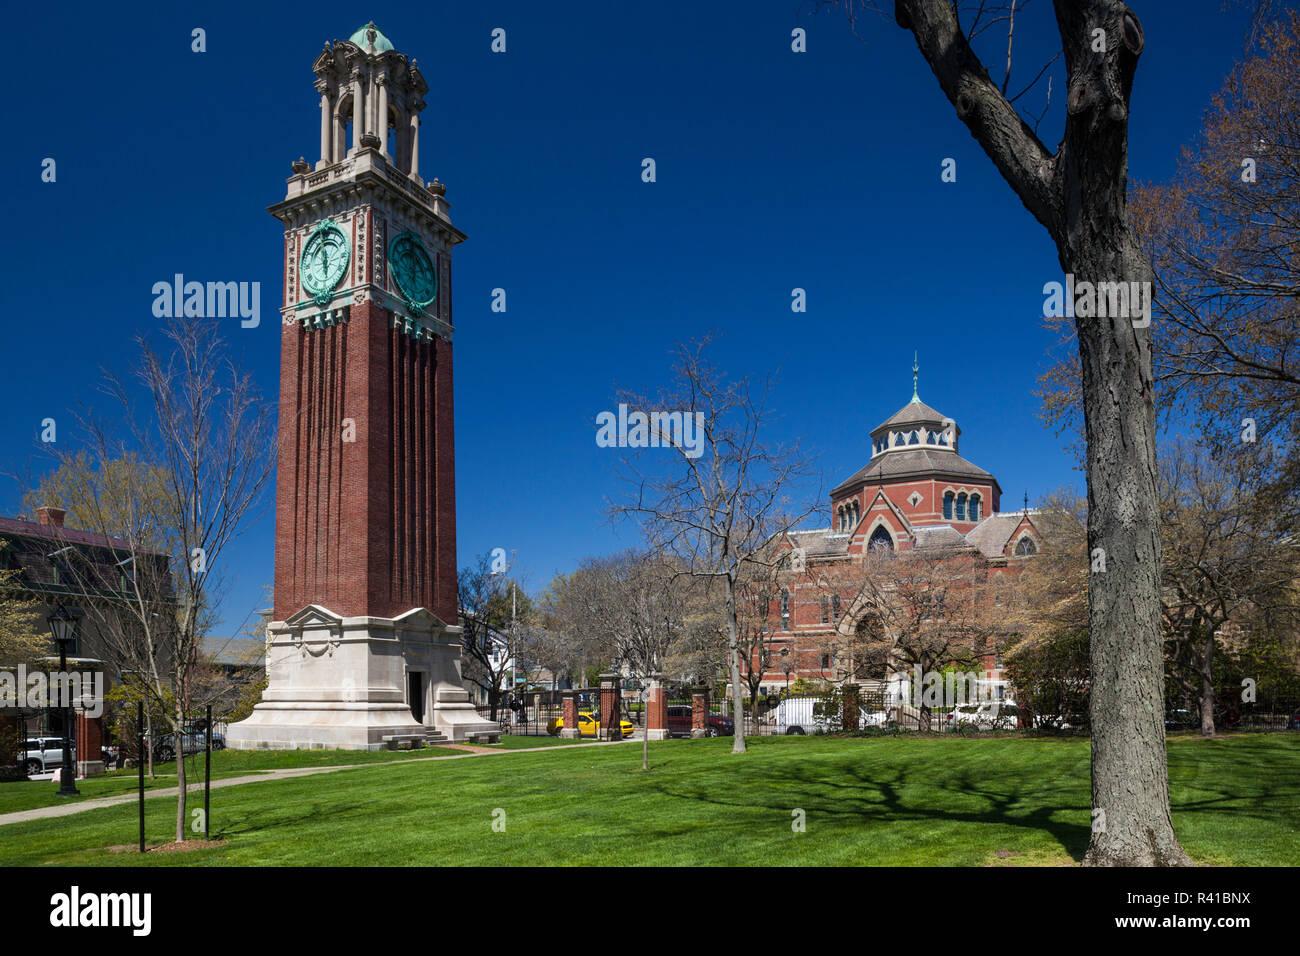 Estados Unidos, Providence, Rhode Island, la Universidad de Brown, campus Ivy League y Carrie Tower Imagen De Stock